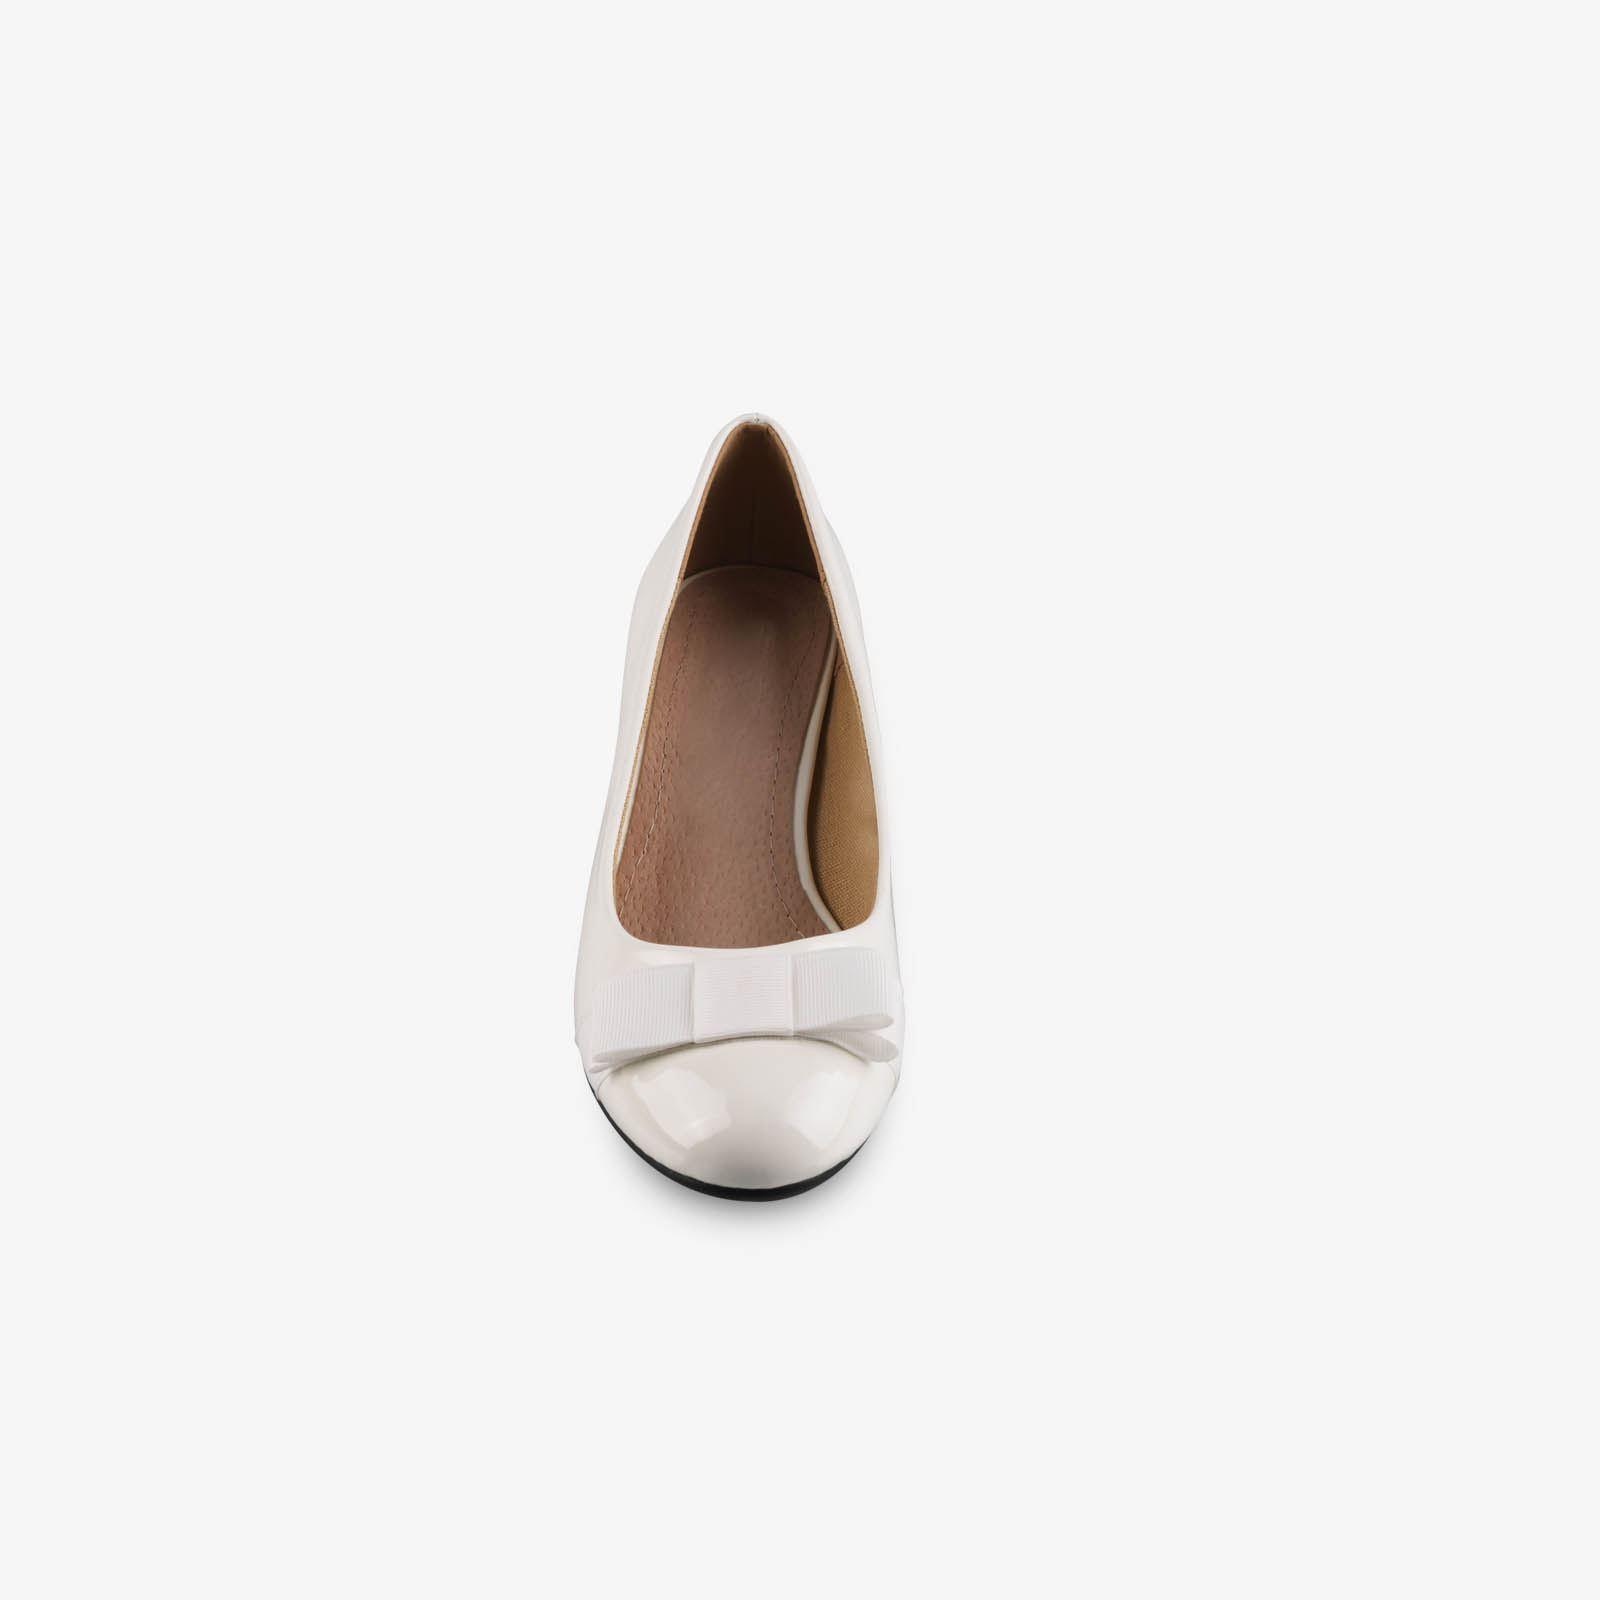 Damen-Elegante-Absatzschuhe-Hochlganz-Pumps-Blockabsatz-Ballerina-Schuhe-Chic Indexbild 30